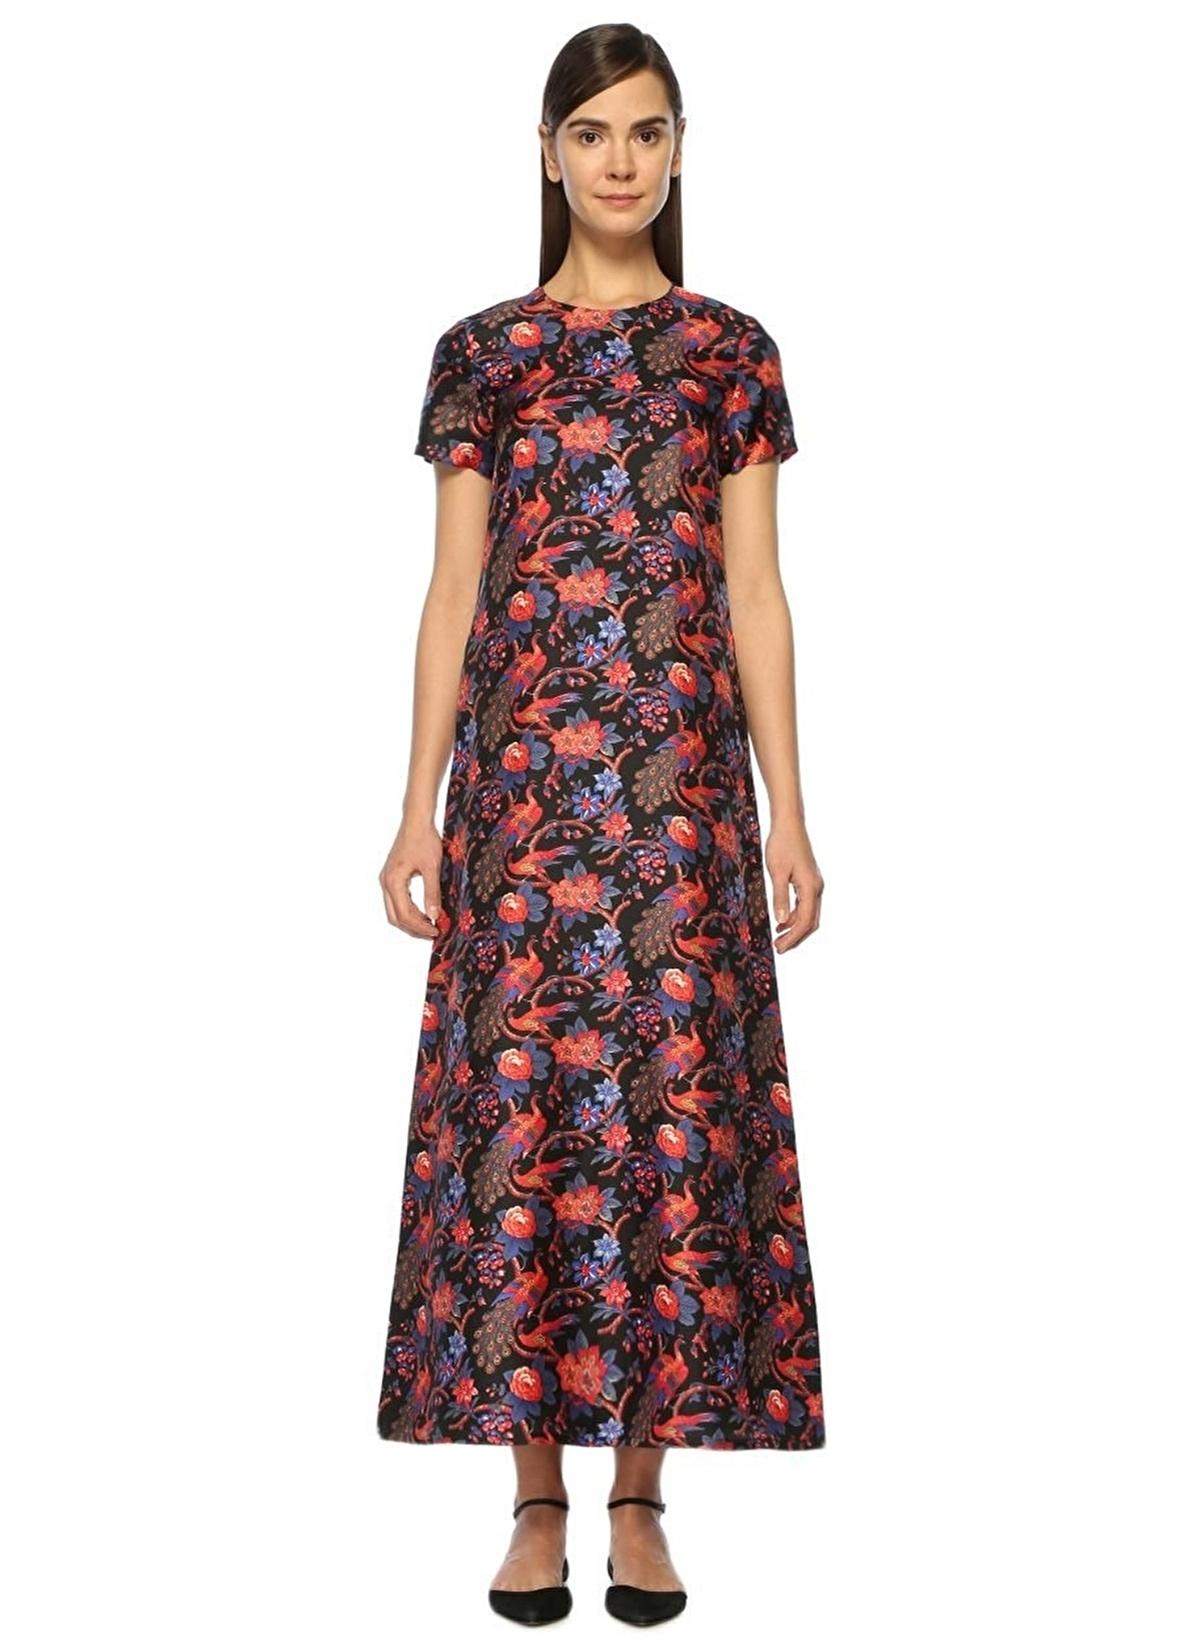 65fd5aed81e0e La Doublej Kadın Kısa Kollu Çiçekli Uzun Elbise Çok Renkli Siyah ...